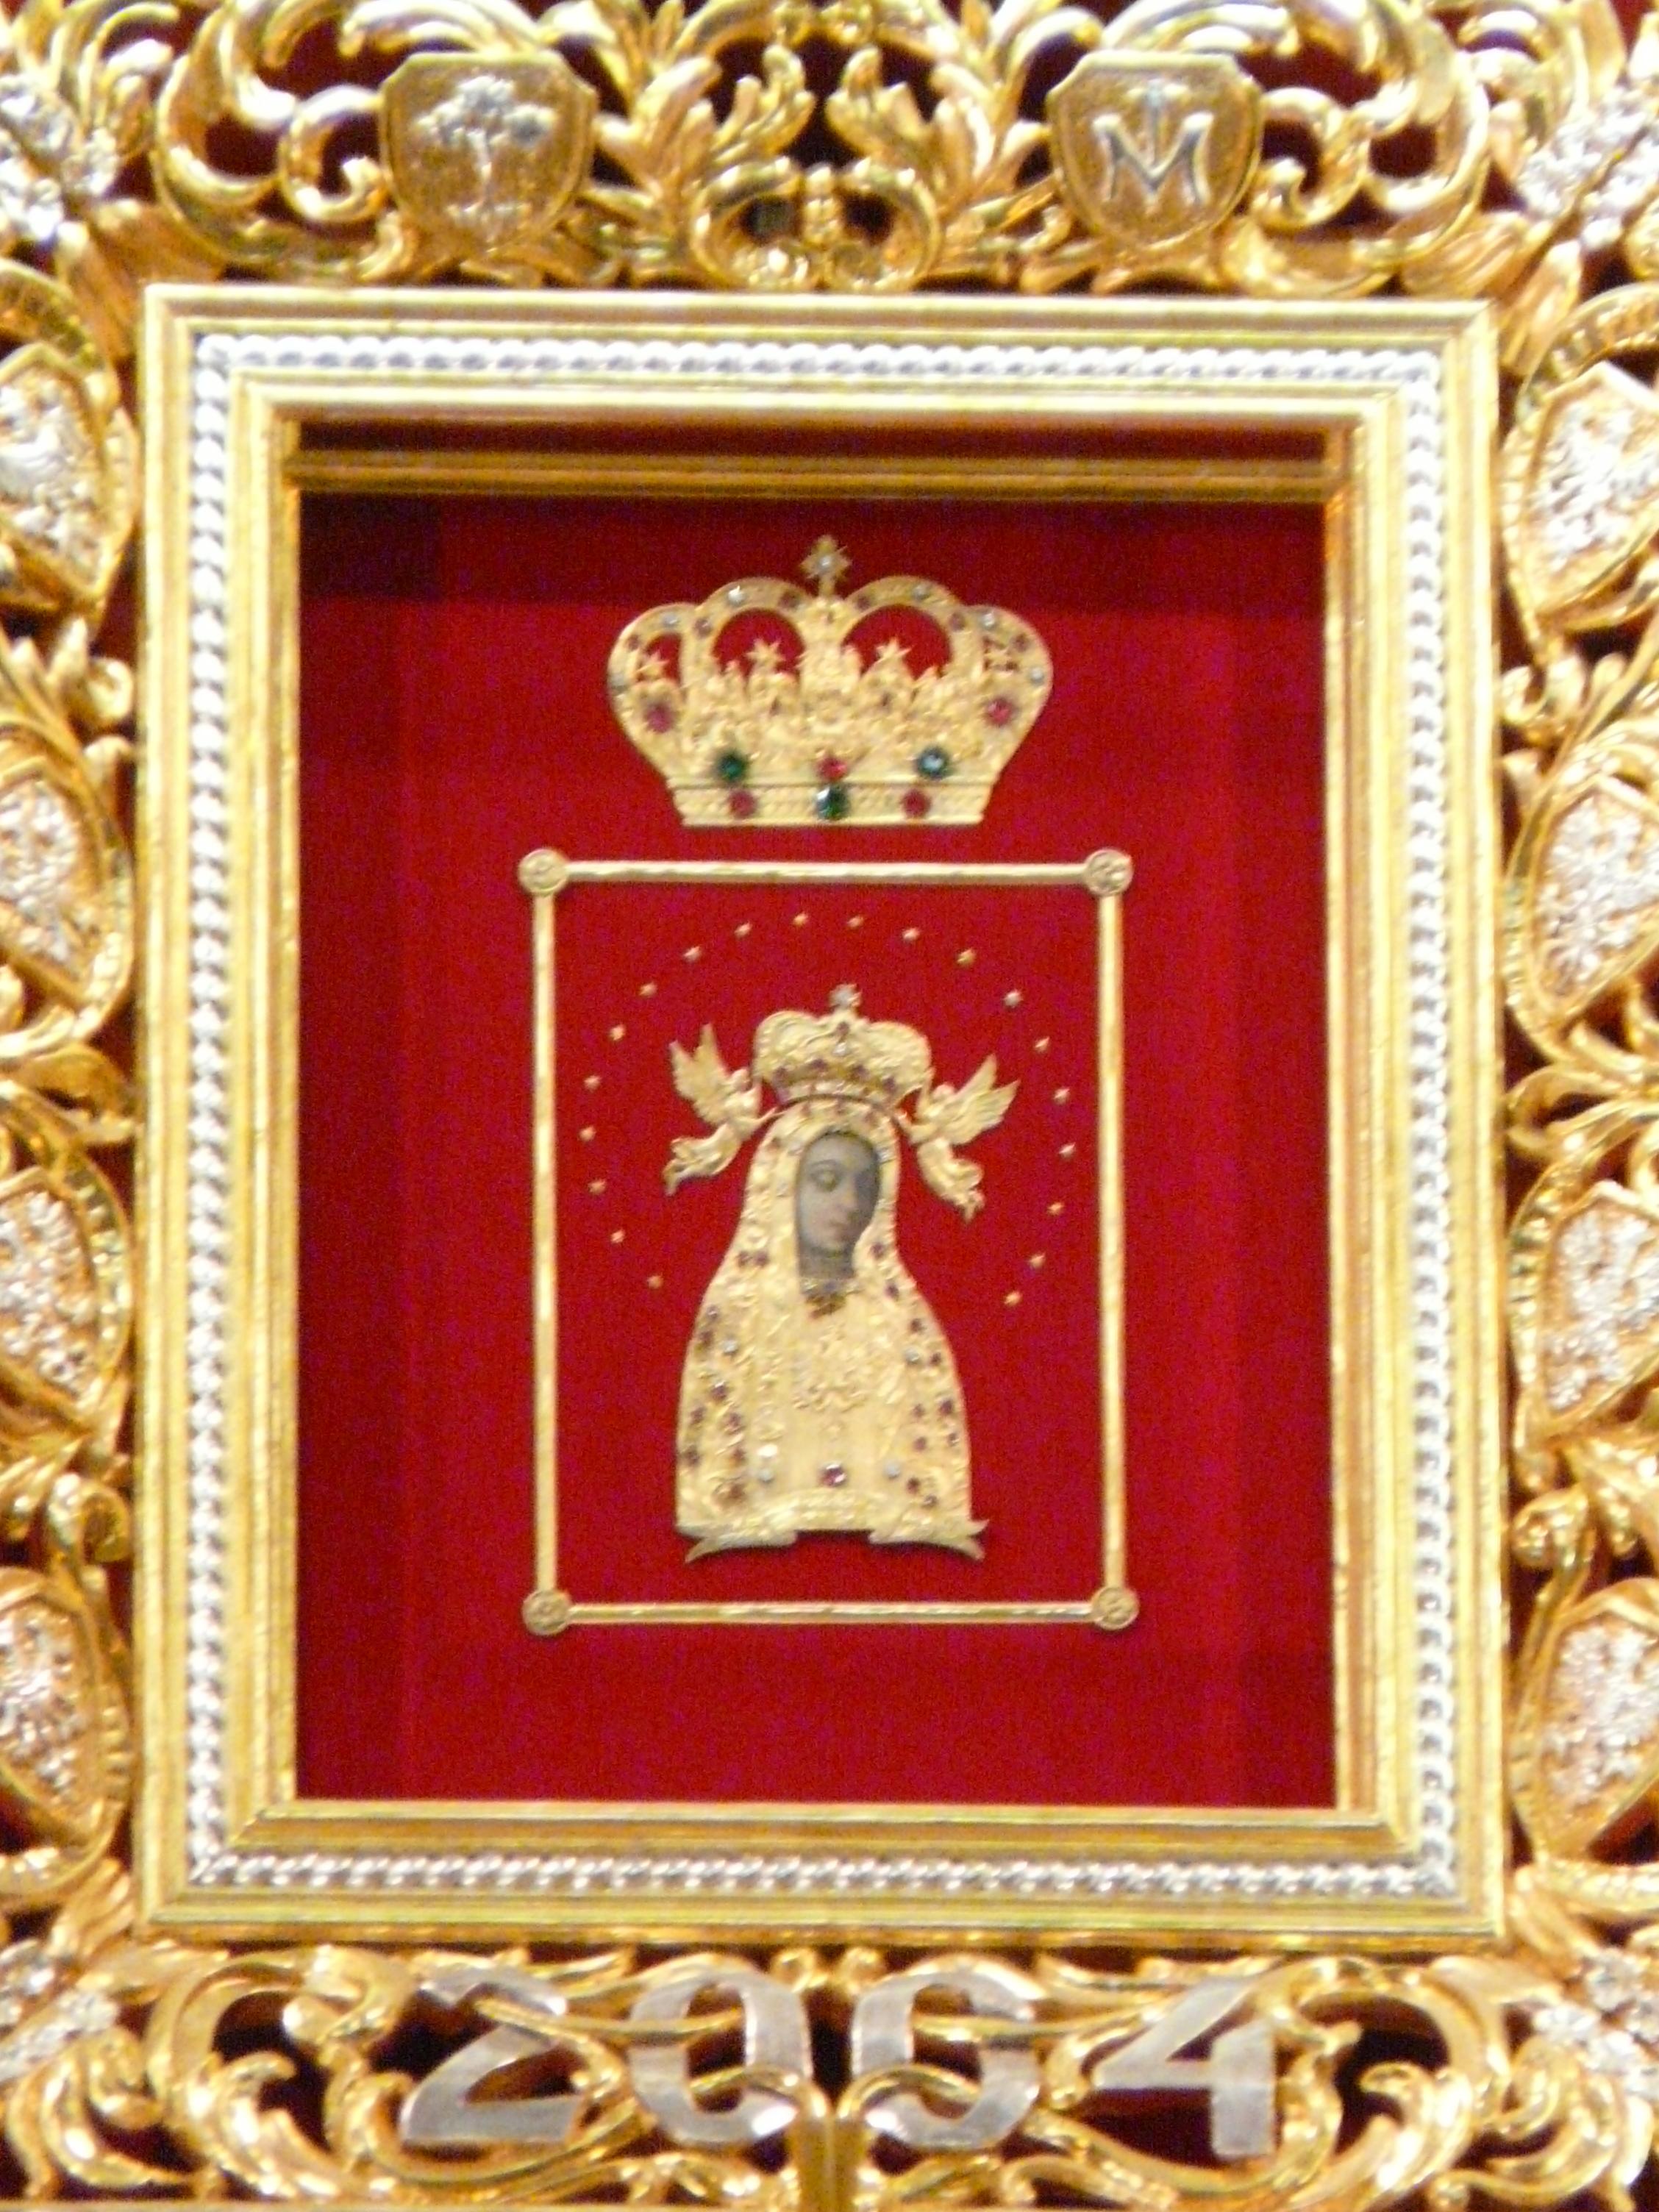 Obraz Matki Boskiej Licheńskiej – Wikipedia, wolna encyklopedia